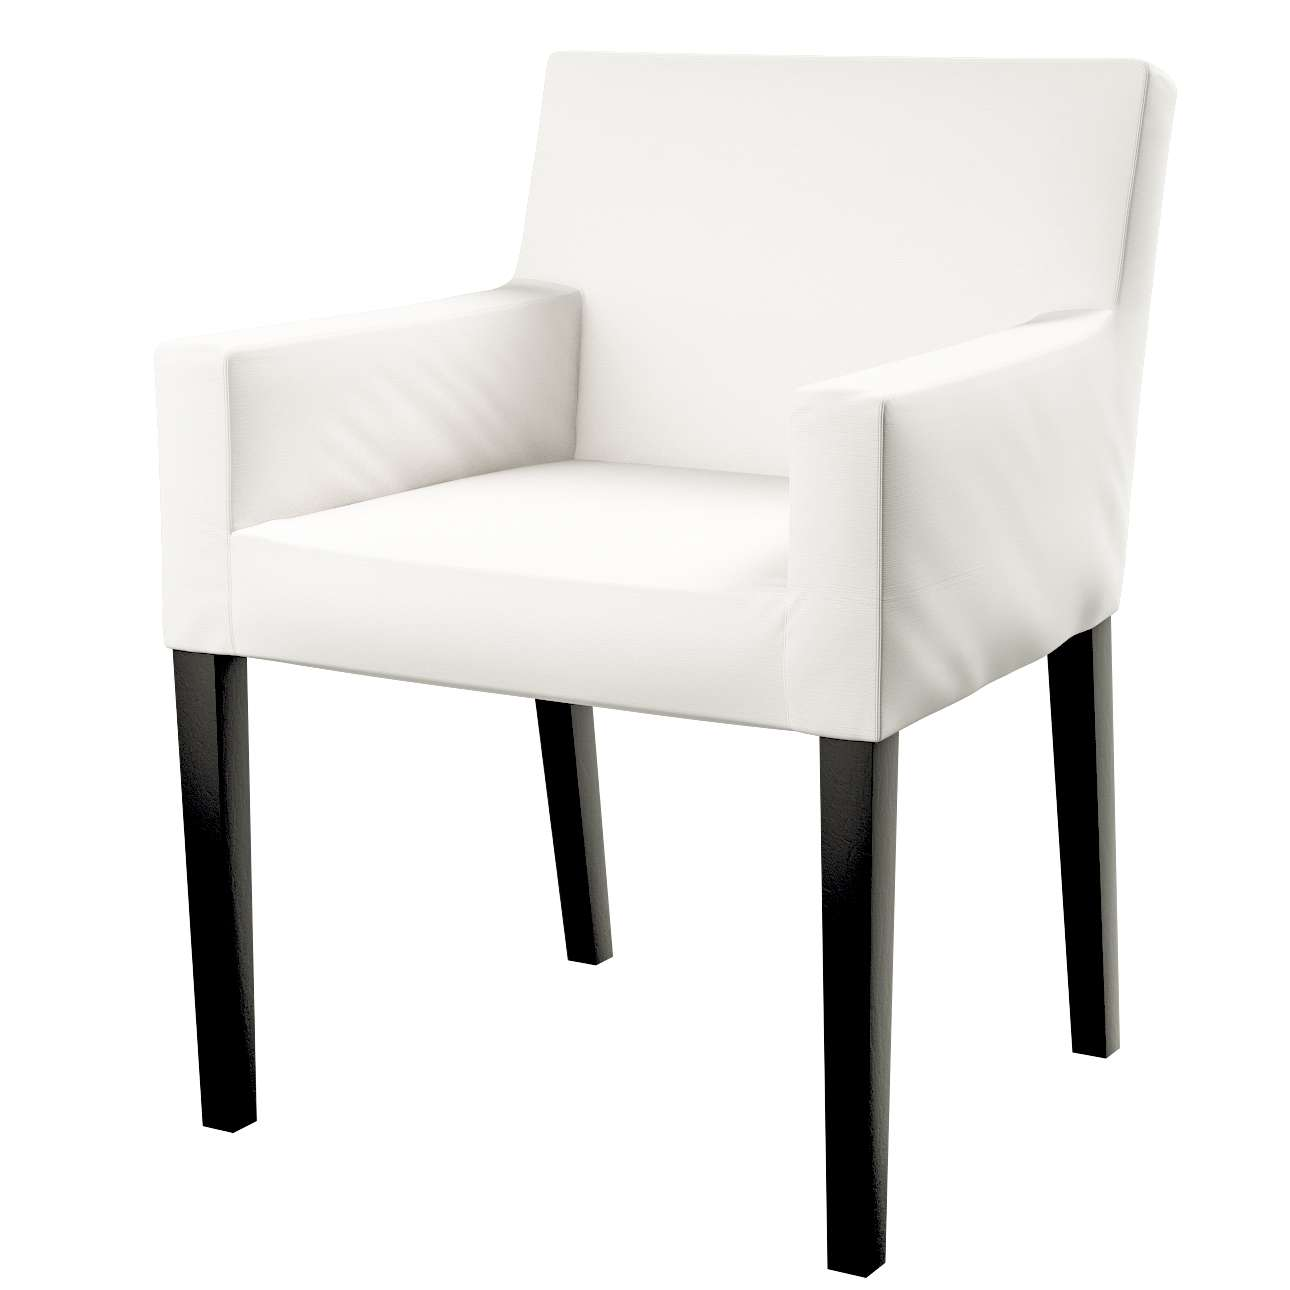 Sukienka na krzesło Nils krzesło Nils w kolekcji Cotton Panama, tkanina: 702-34